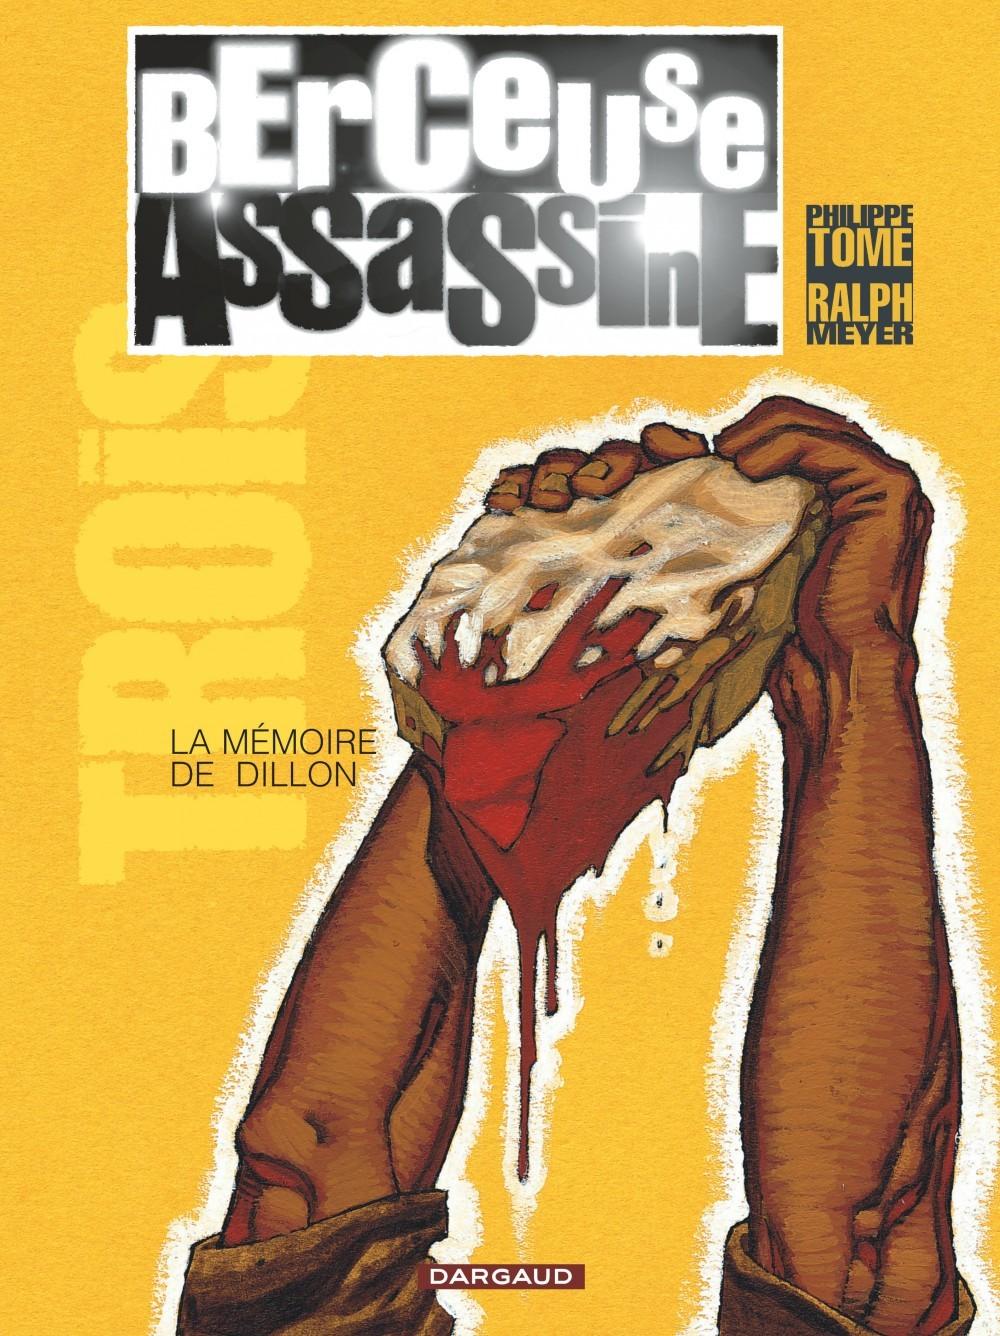 BERCEUSE ASSASSINE - T3 - LA MEMOIRE DE DILLON